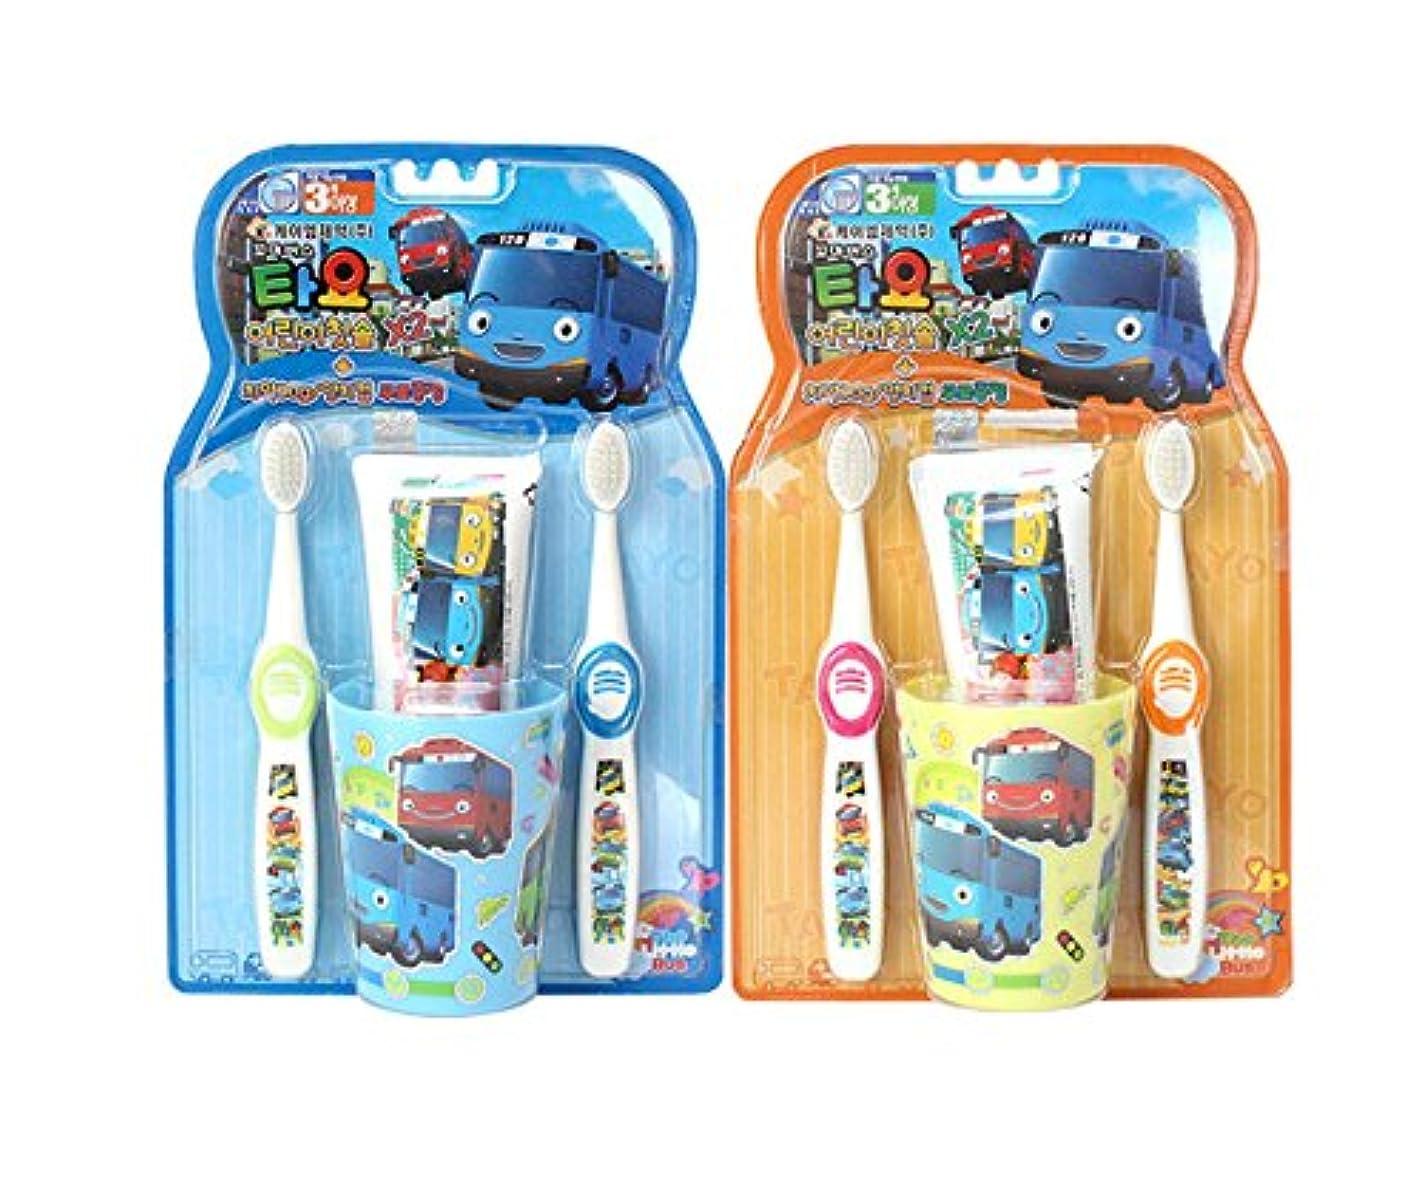 拘束するジャンピングジャック丘[SET] Tayo The Little Bus ちびっこバス タヨ 子ども用ハブラシ 乳歯?オーラルケア 歯磨き粉 歯ブラシ 歯カップ セット 歯磨きセット子供の歯ブラシ (2 SET) [並行輸入品]